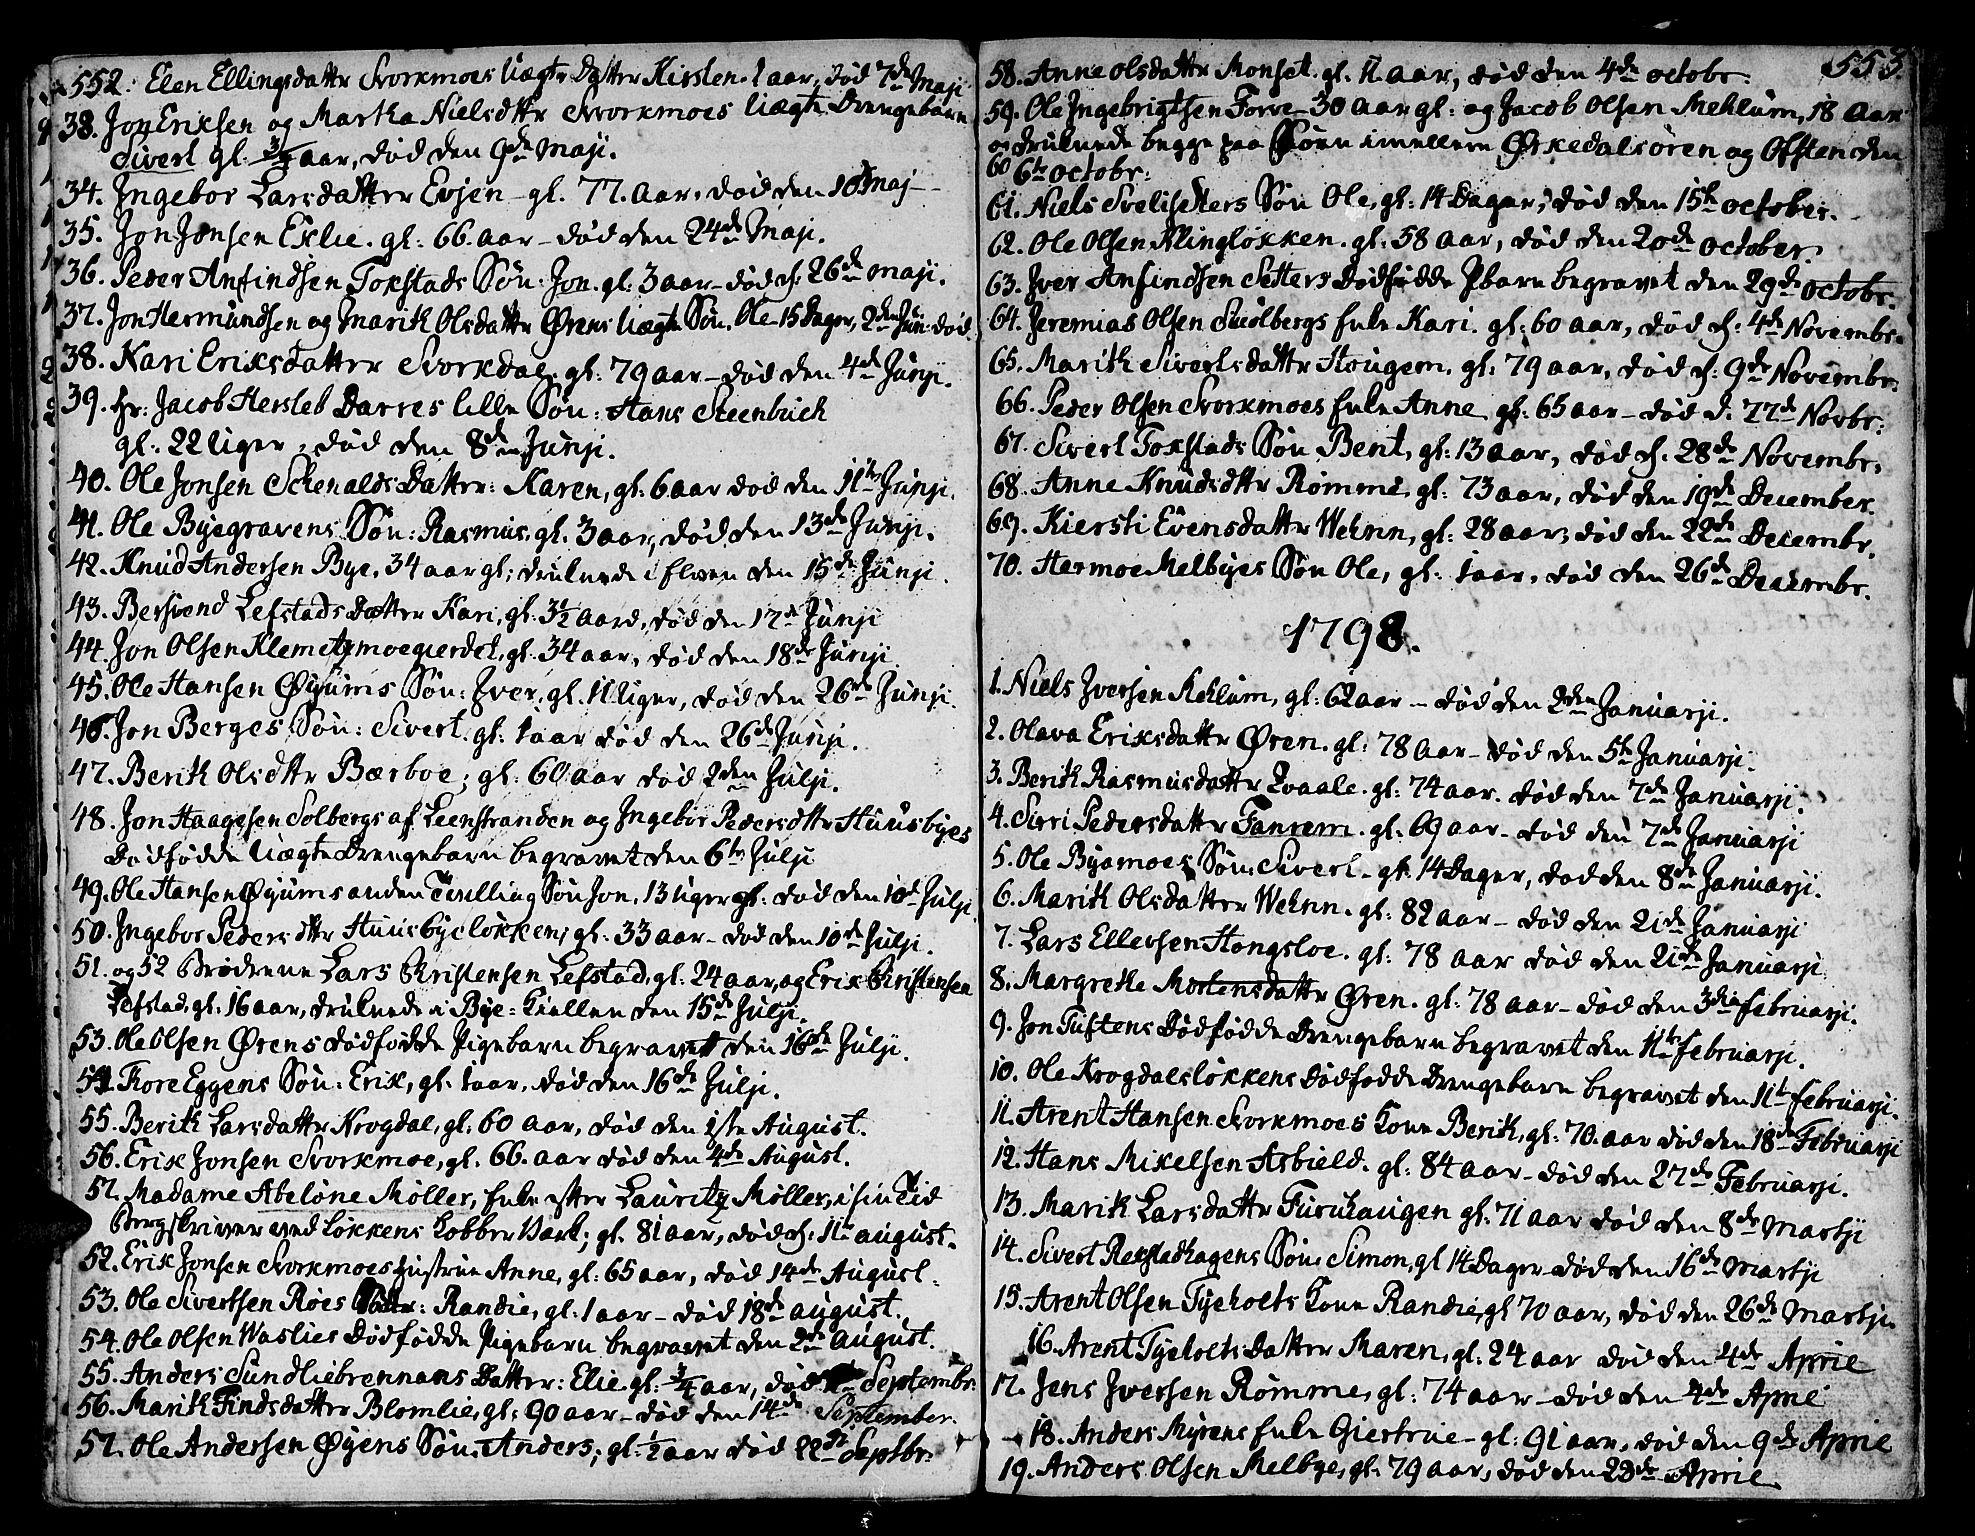 SAT, Ministerialprotokoller, klokkerbøker og fødselsregistre - Sør-Trøndelag, 668/L0802: Ministerialbok nr. 668A02, 1776-1799, s. 552-553